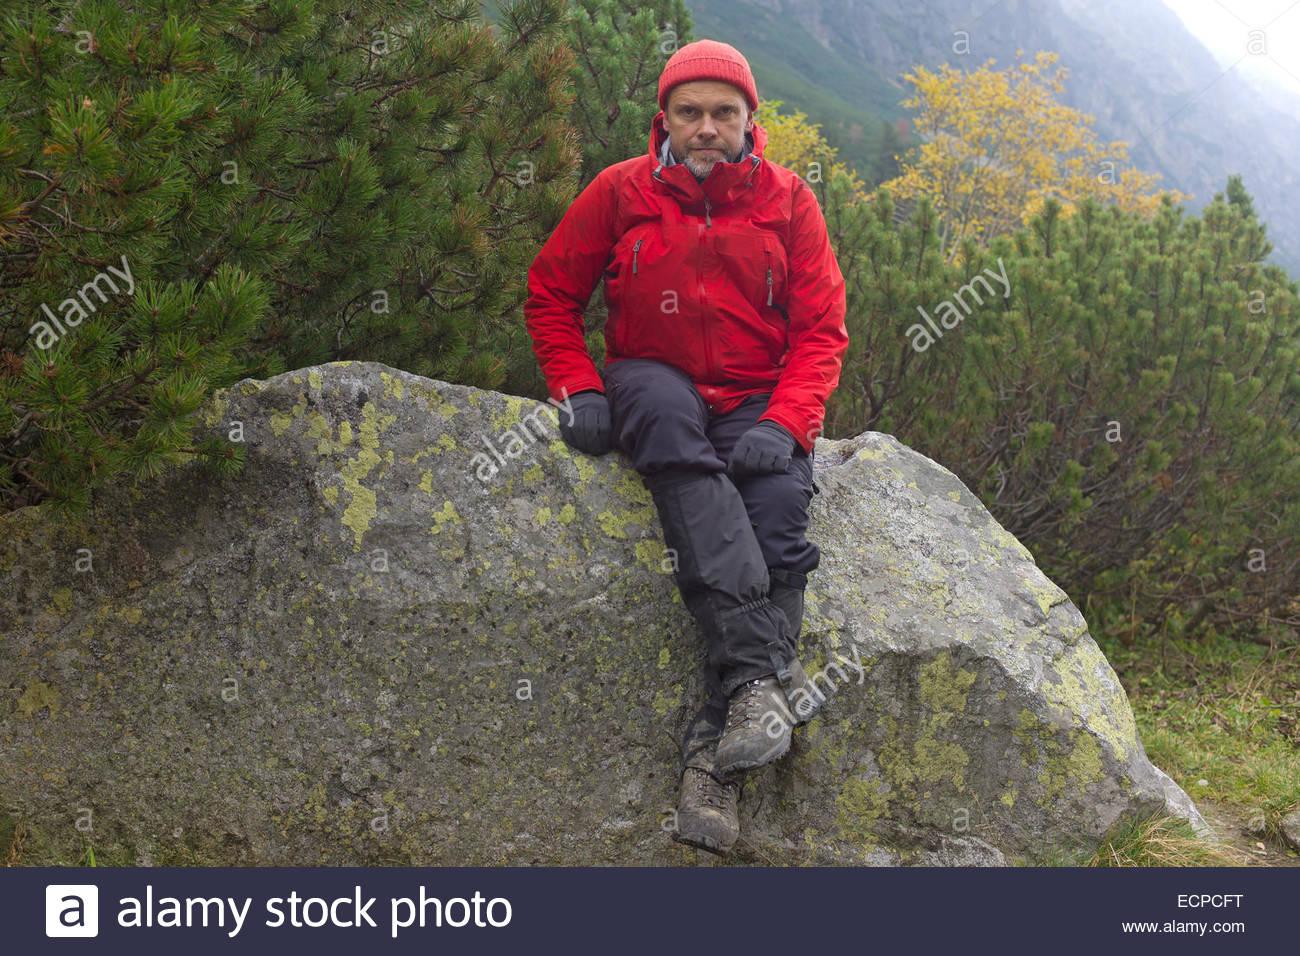 hiker, High Tatra Mountains, Slovakia, Western Carpathians - Stock Image